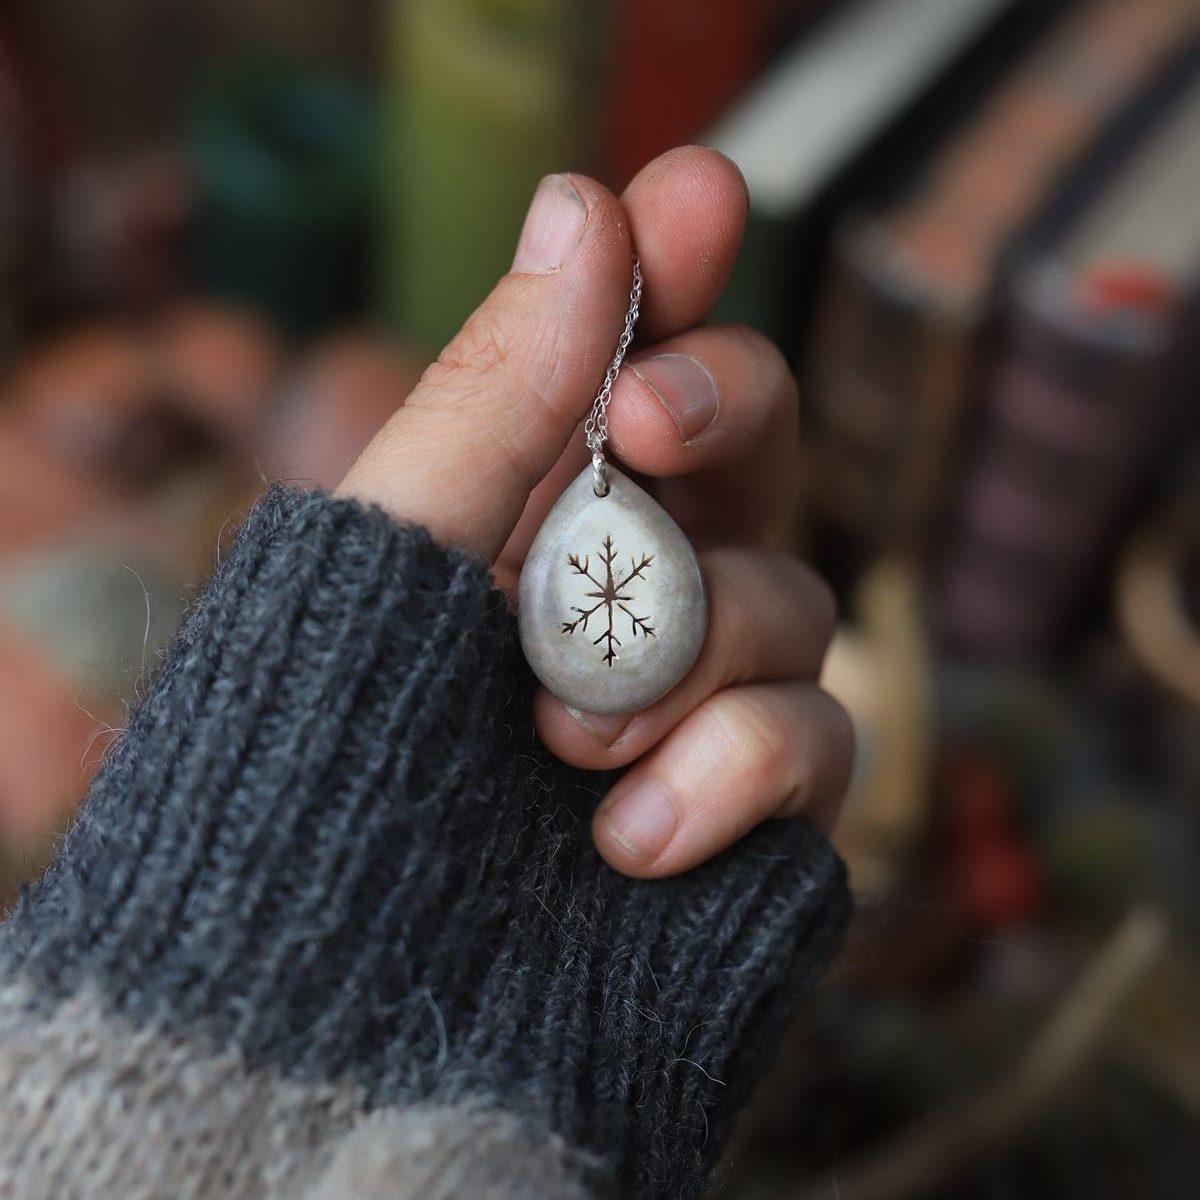 collier bijoux bois de renne corne argent flocon laponie grand nord artisanat atelier de la lettre aux ours missive to bears écologique et français